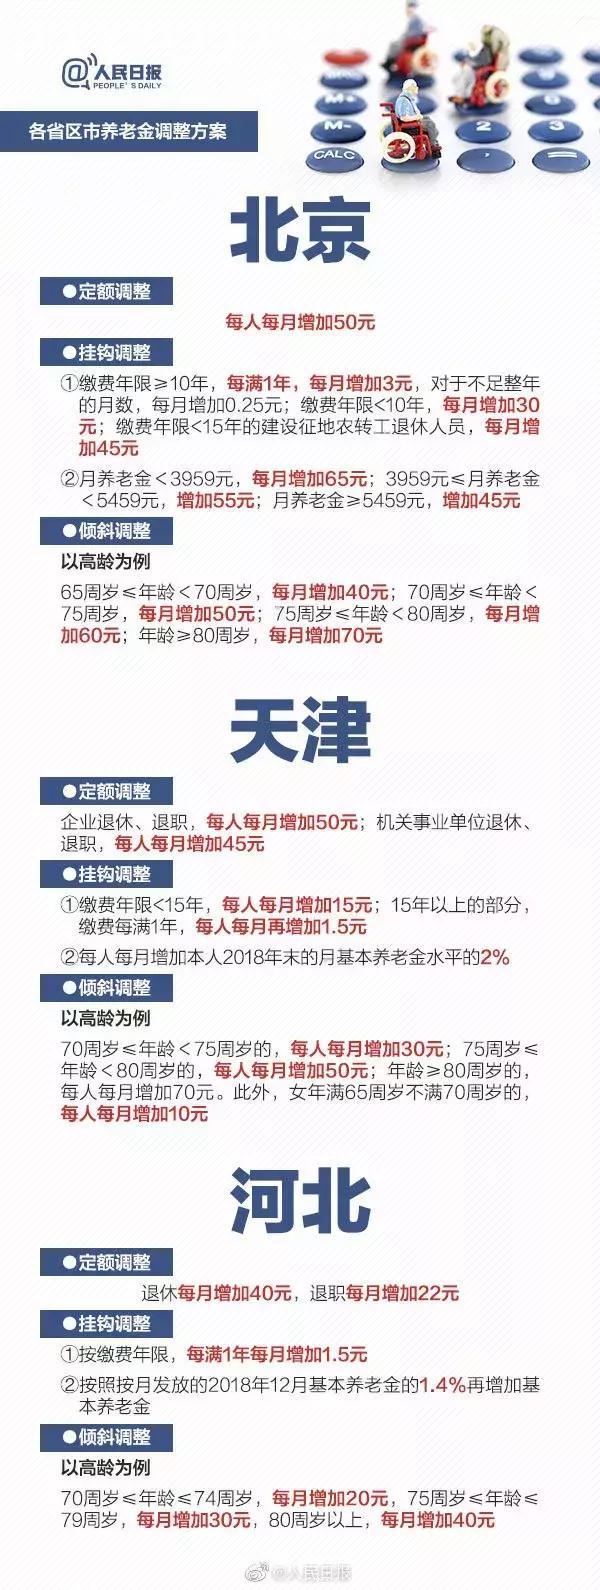 枣庄市机关事业退休人员20/6养老金调整概况